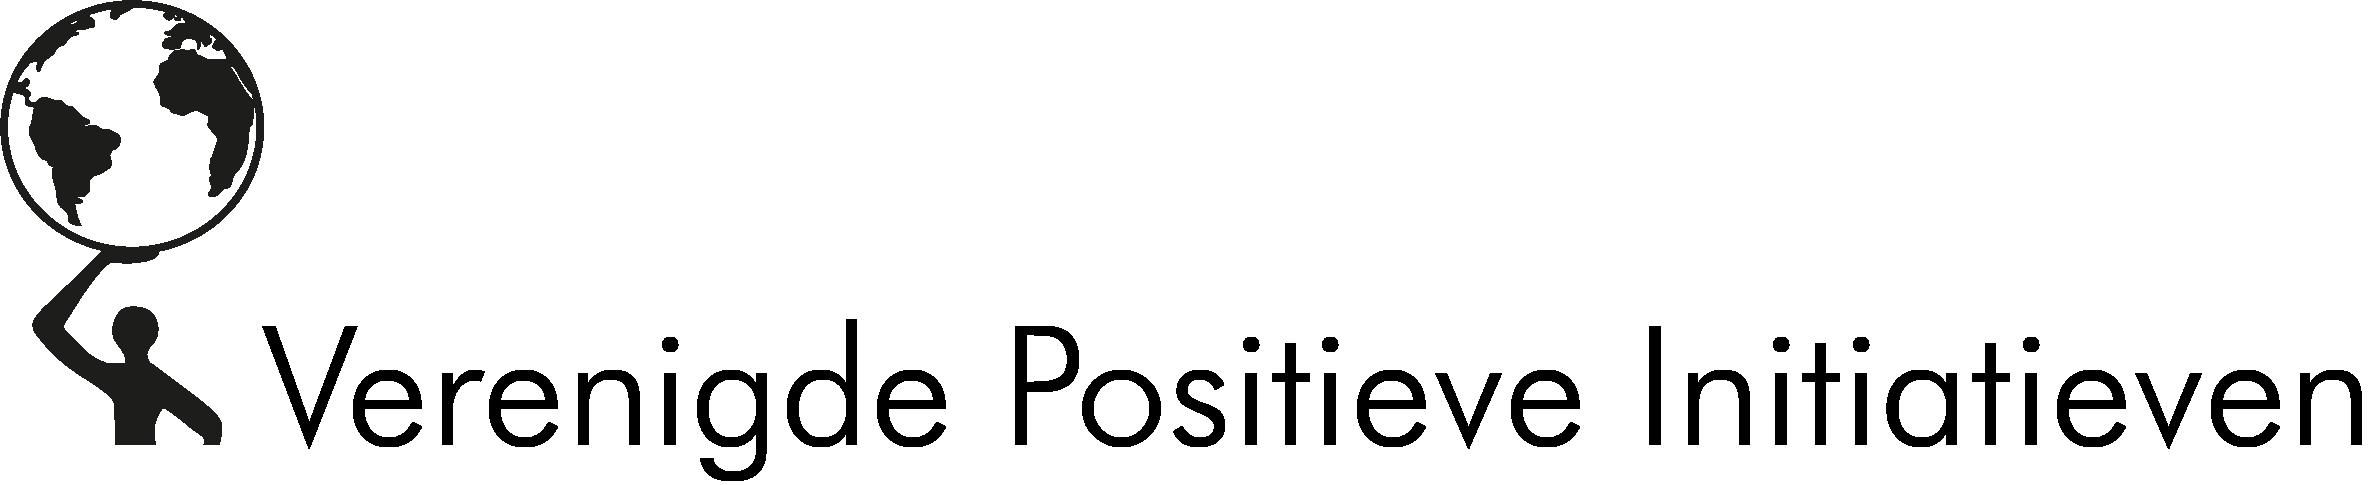 Logo van Verenigde Positieve Initiatieven, de onderzoekswebsite van Future Life Research BV